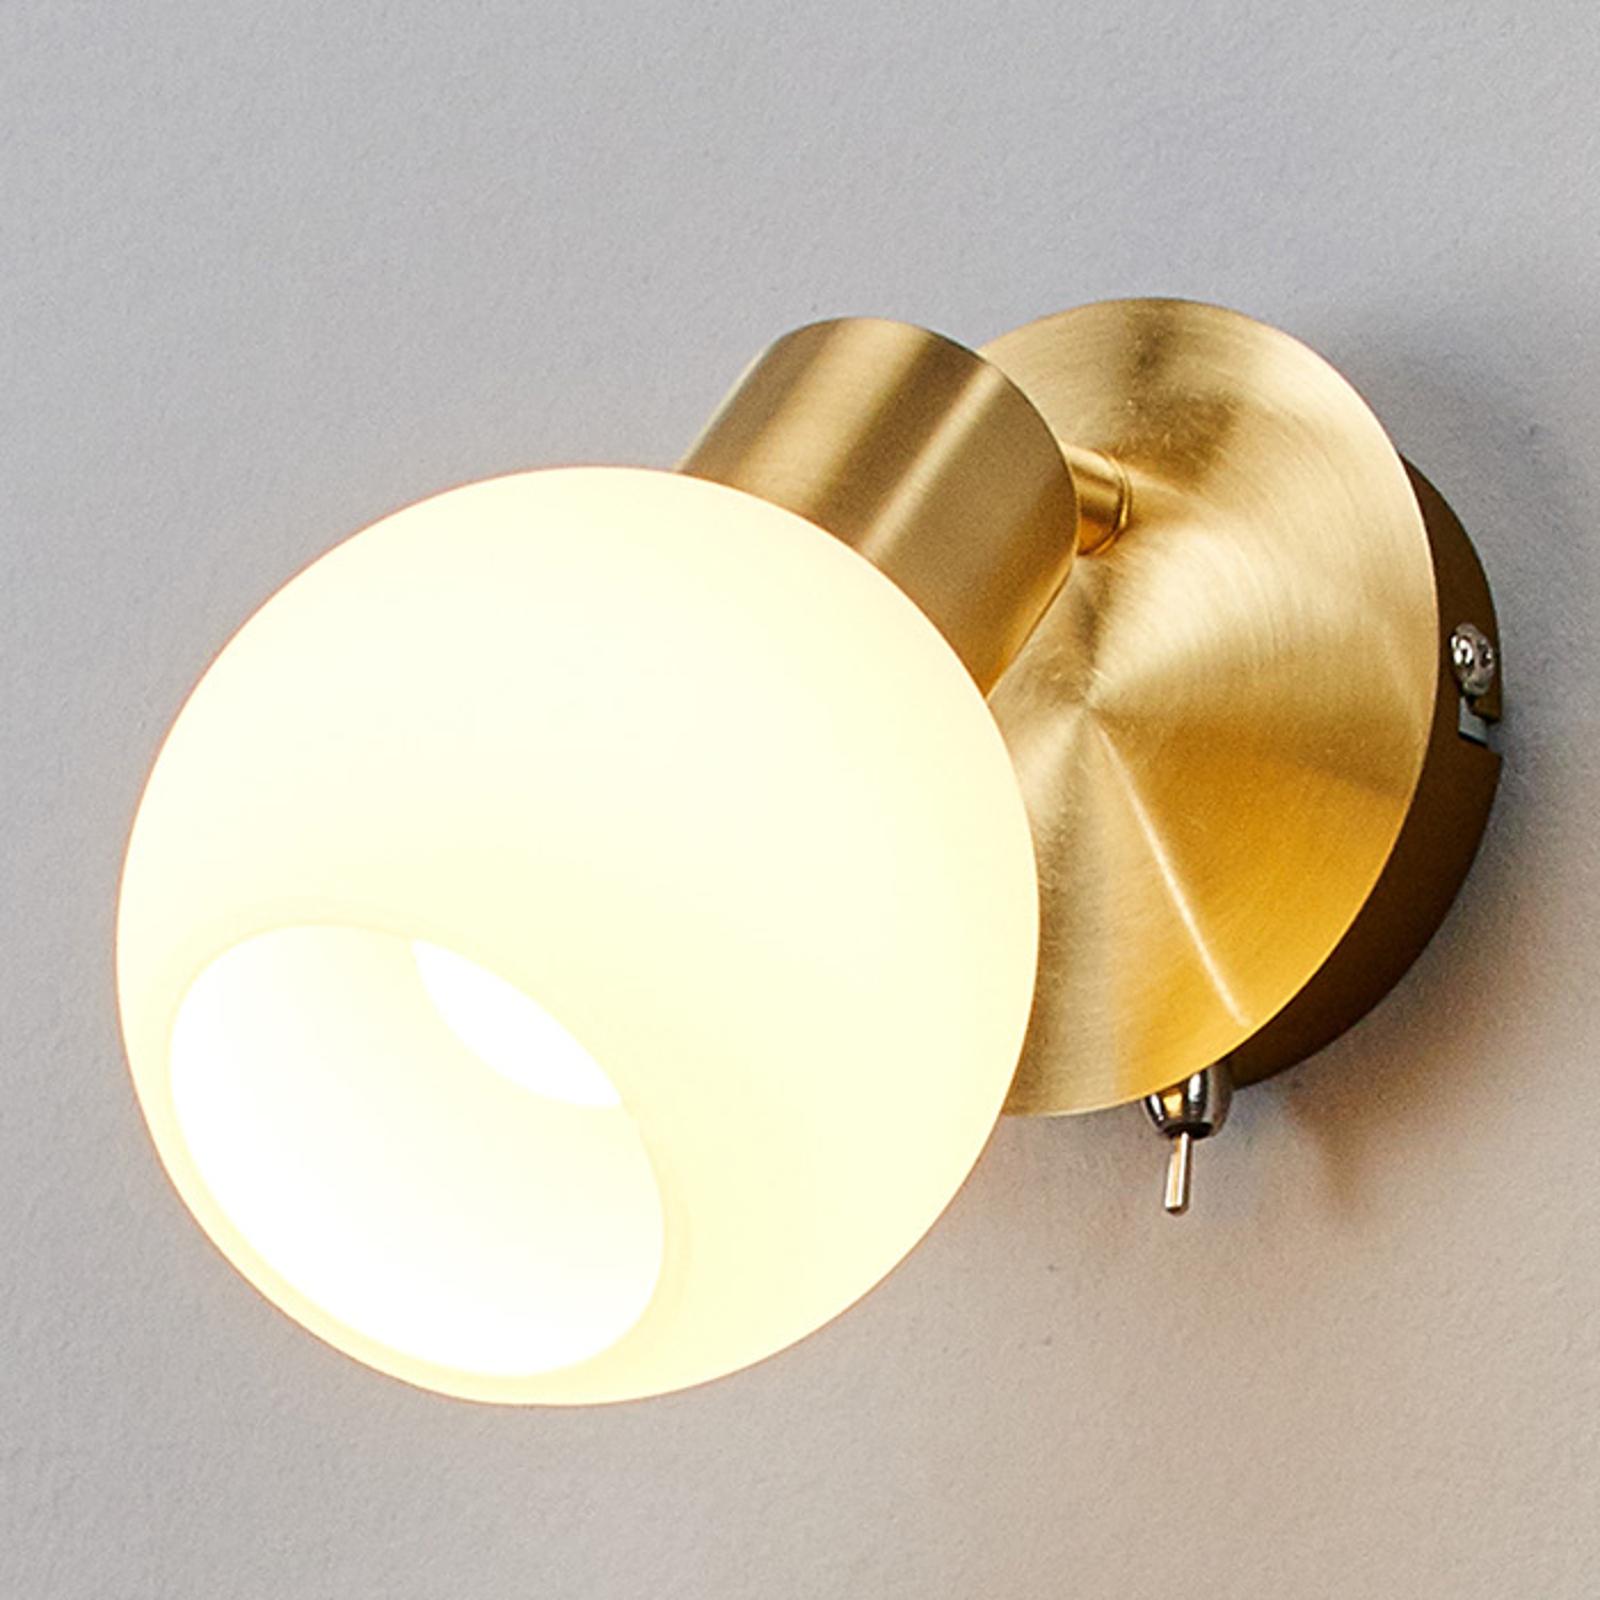 LED-vägglampa Elaina i mässing med 1 ljuskälla